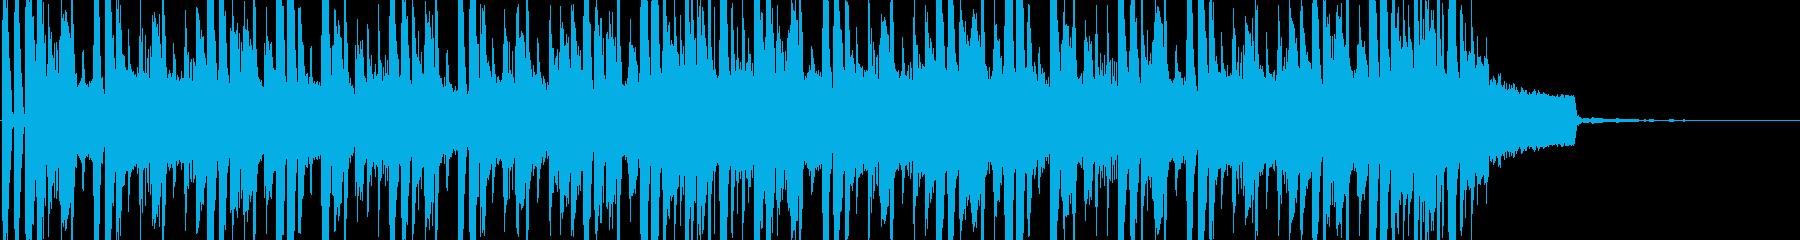 レトロ 怠け者 魅惑 スタイリッシ...の再生済みの波形